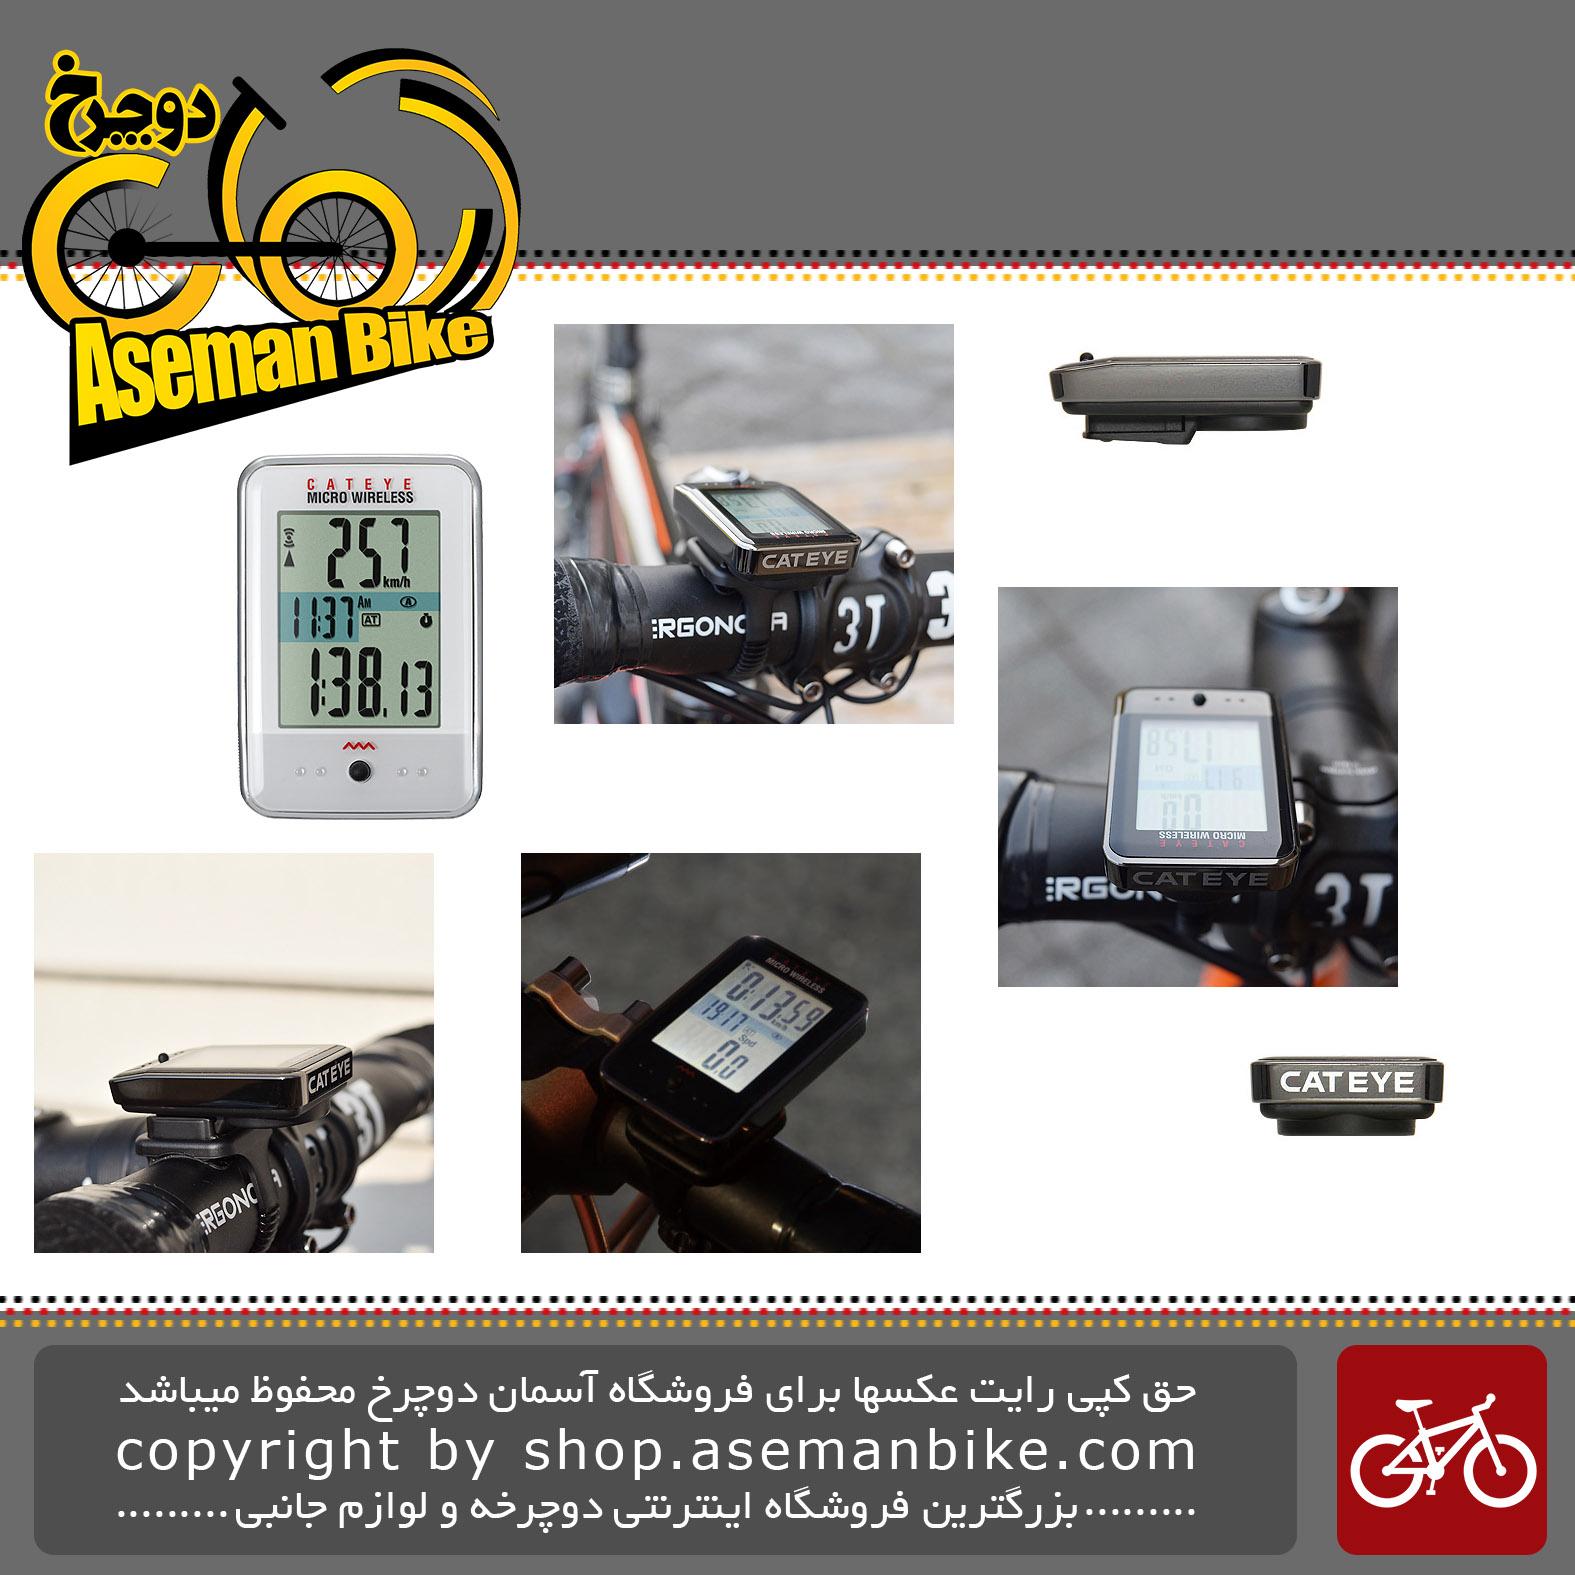 کیلومتر شمار دوچرخه کت آی مدل میکرو بیسیم 9 کاره Cat Eye Odometer Micro Wireless 9 Function